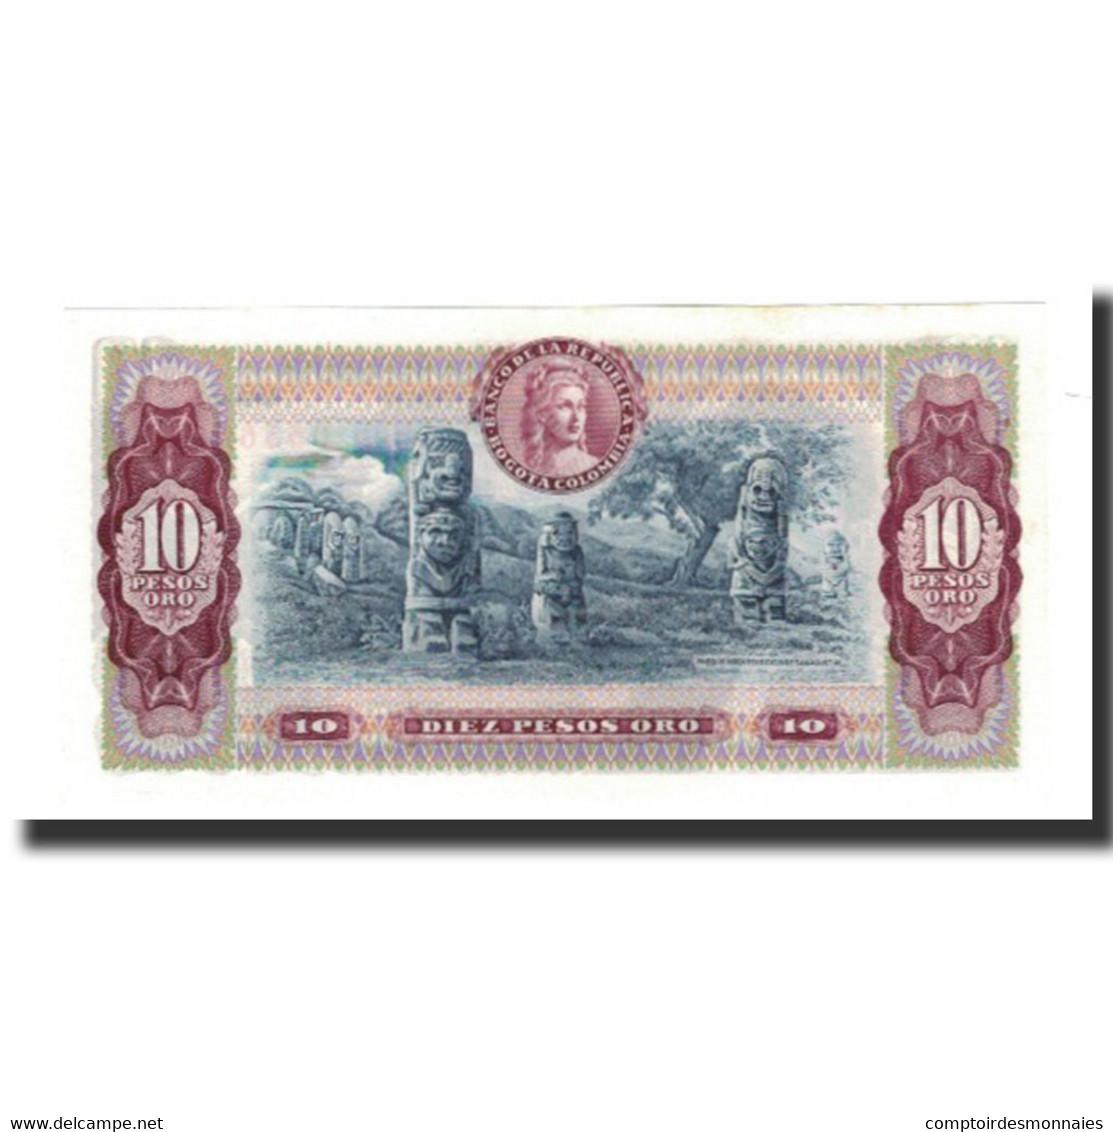 Colombie, 10 Pesos Oro, 1980-08-07, KM:407h, NEUF - Colombie